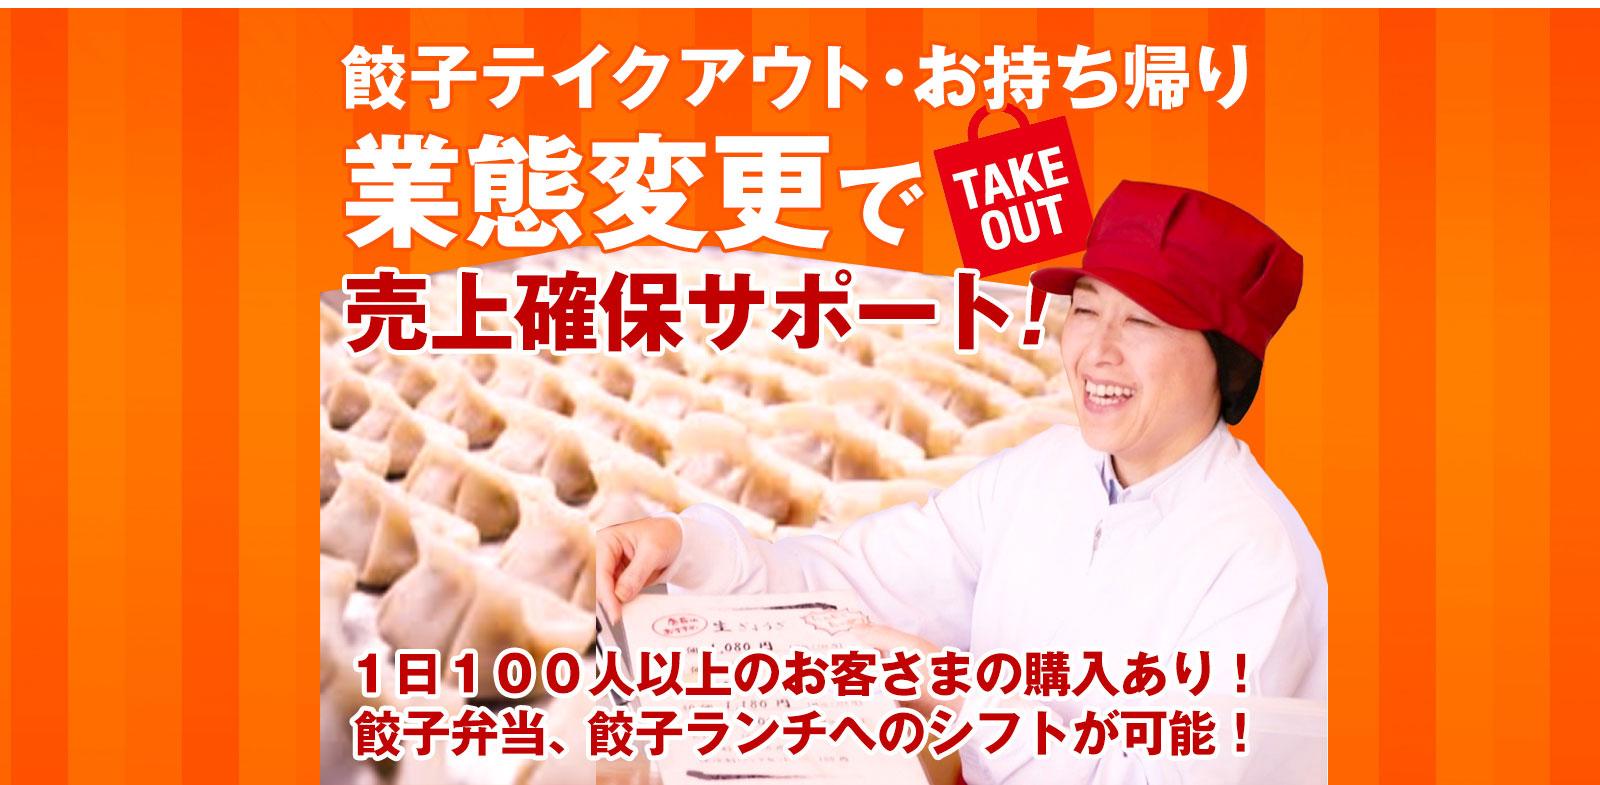 1日100人以上のお客さまの購入あり!餃子弁当、餃子ランチへのシフトが可能!